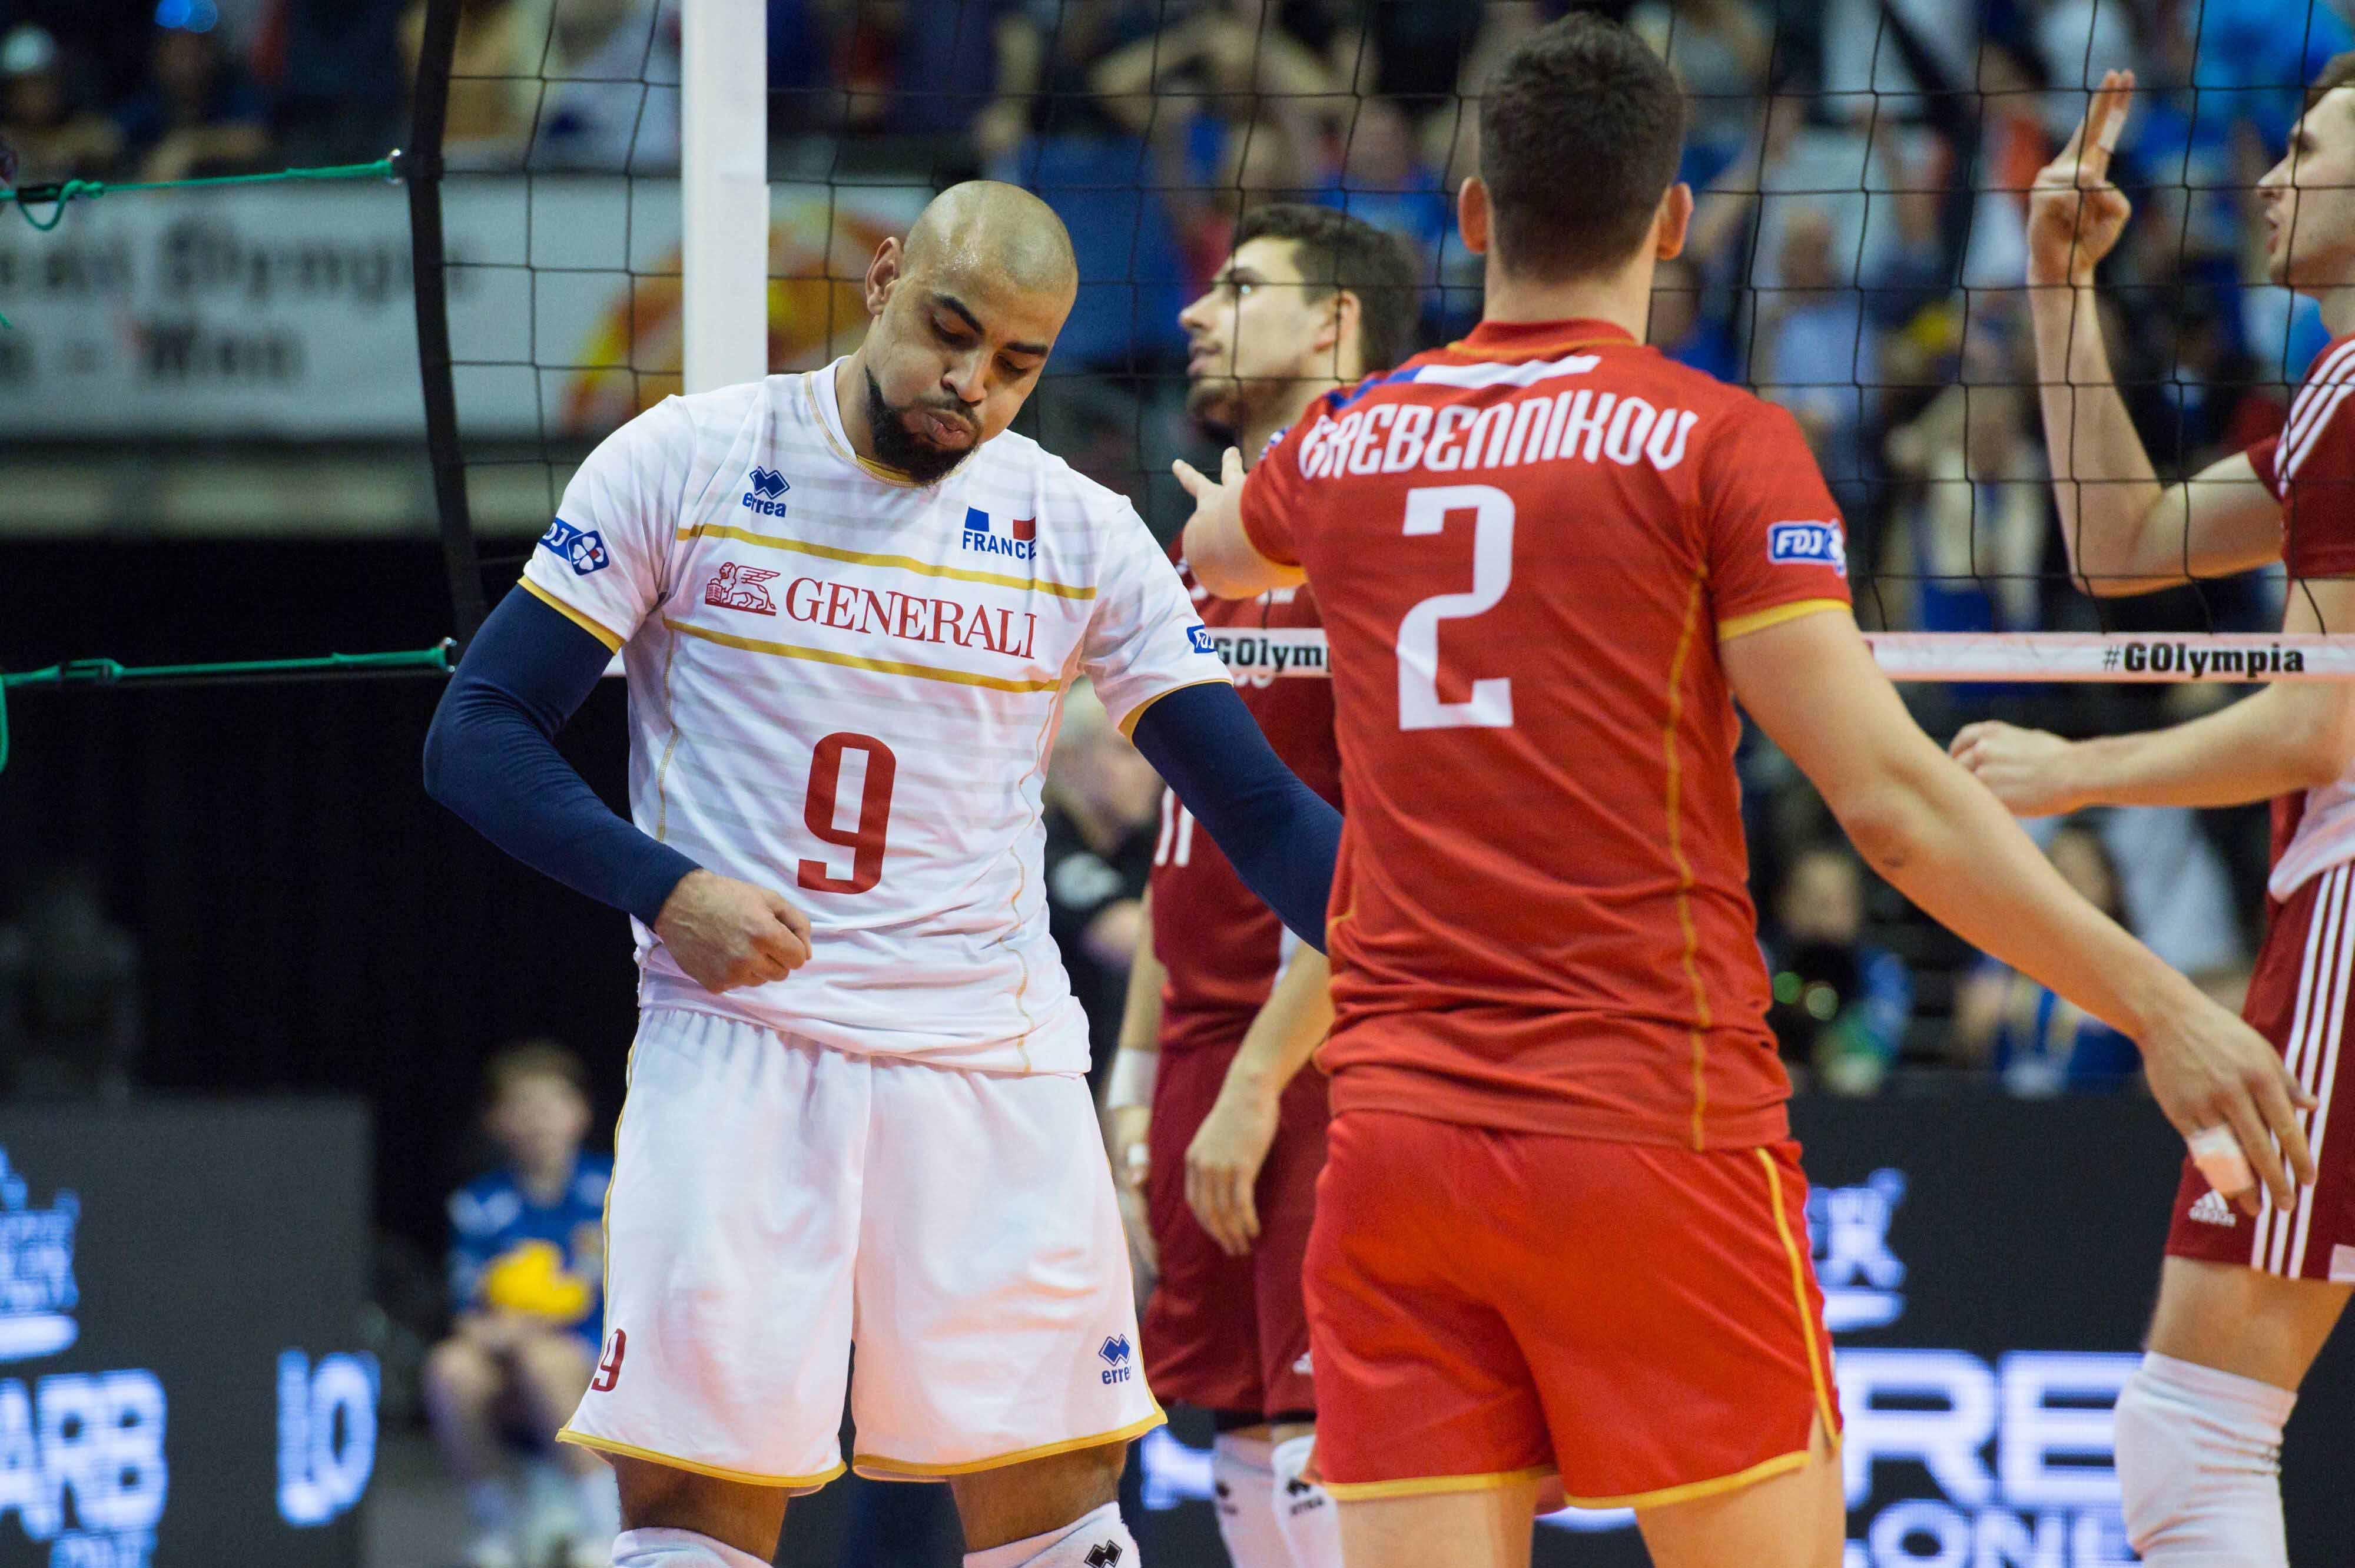 Volley - Des Bleus «aux deux visages» défaits par la Pologne